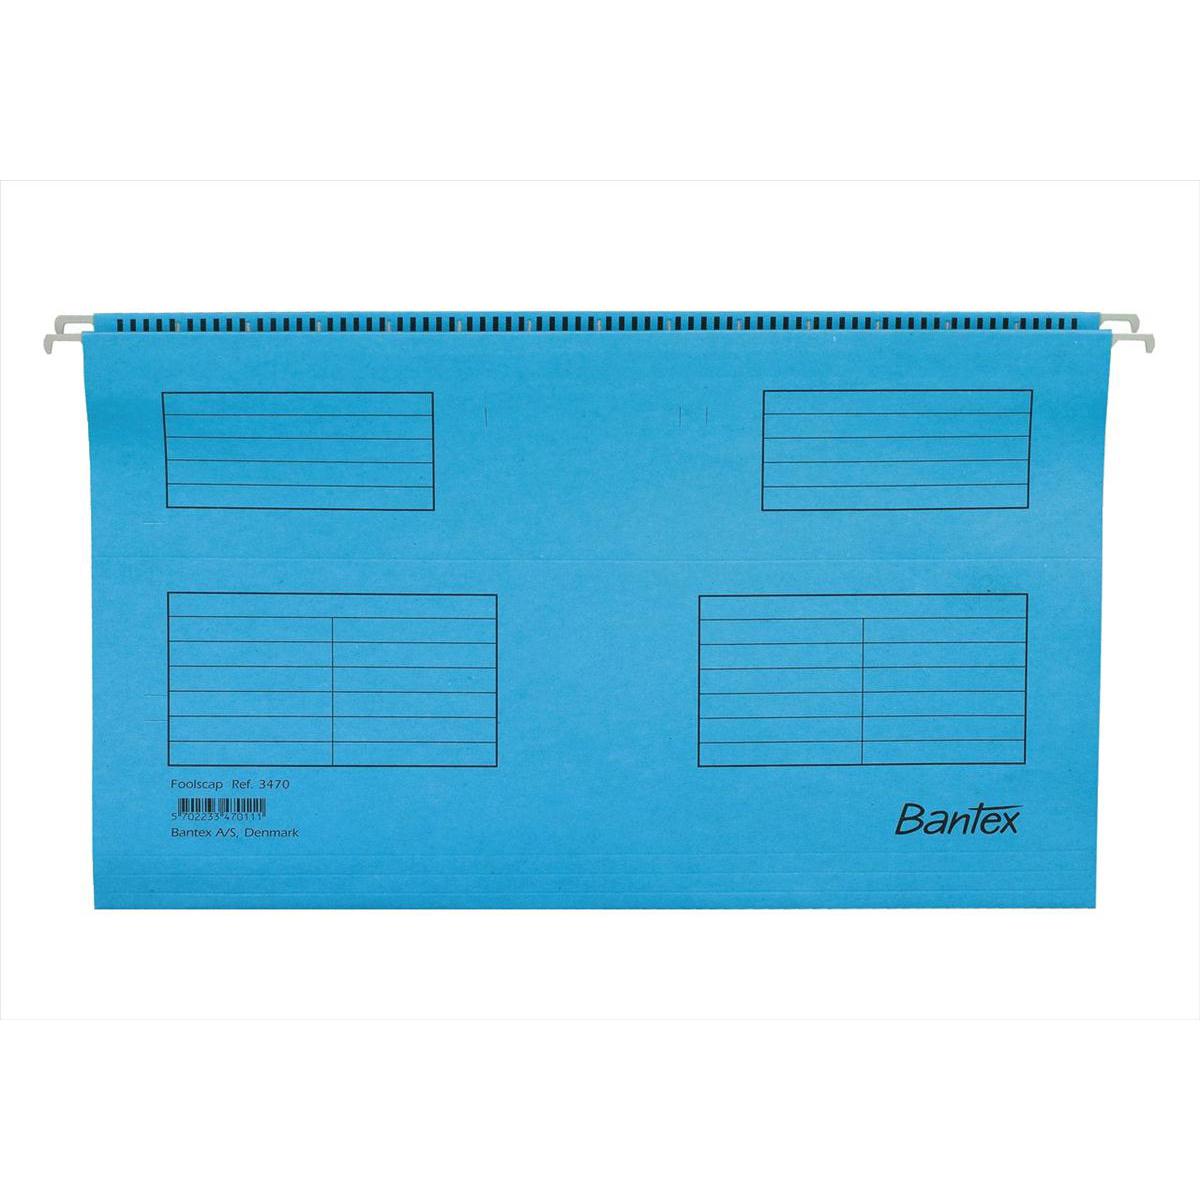 Bantex Flex Suspension File Kraft V-Base 15mm 220gsm Foolscap Blue Ref 100331437 Pack 25